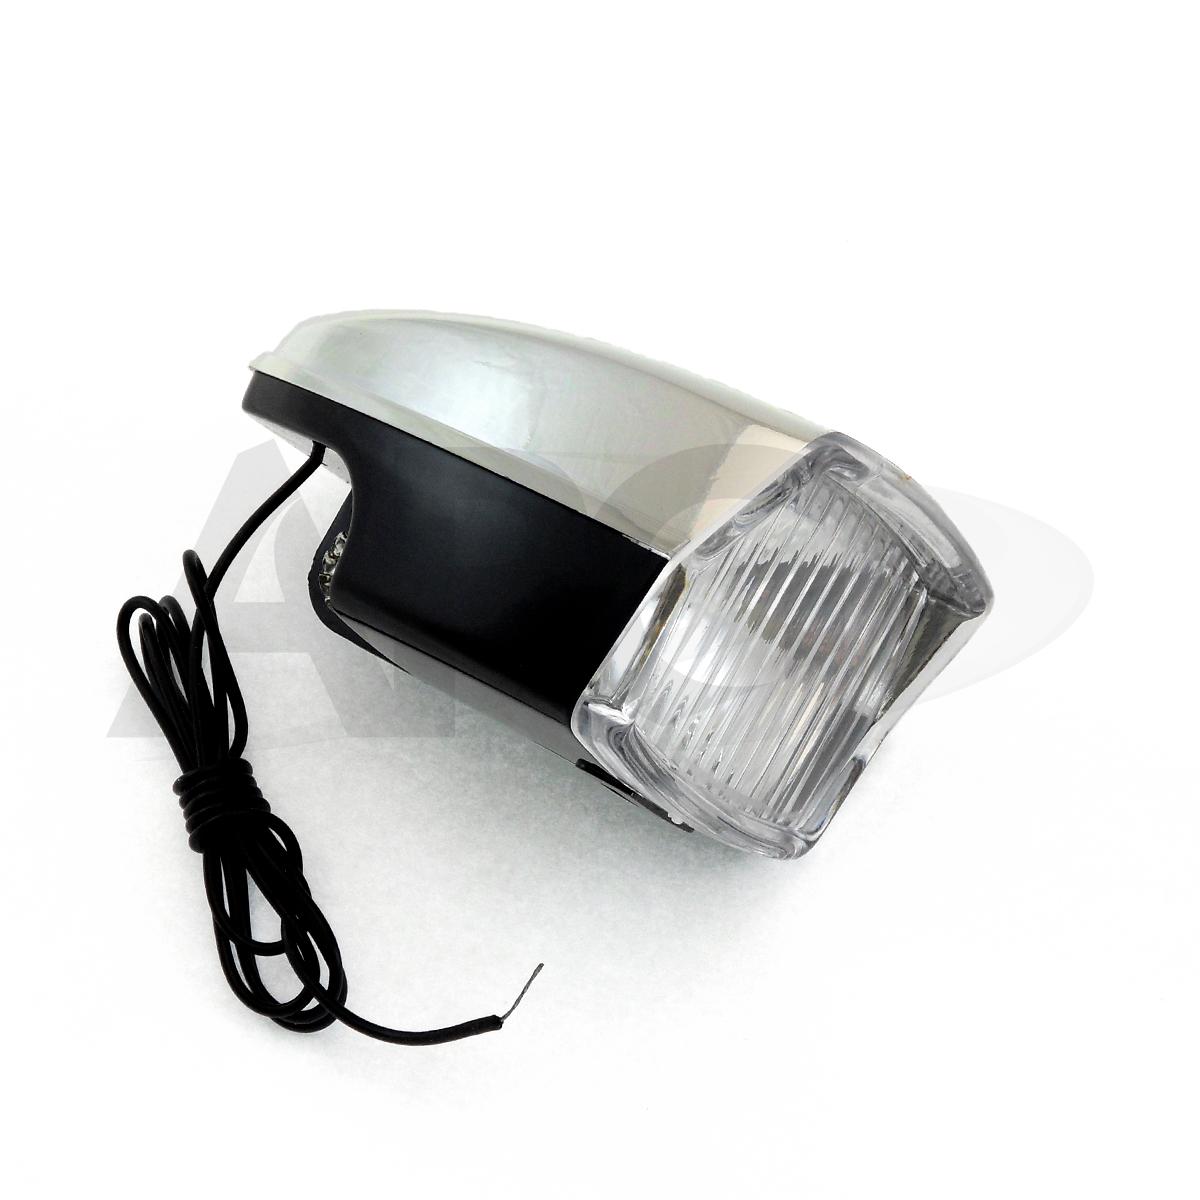 Lampa przód 160234